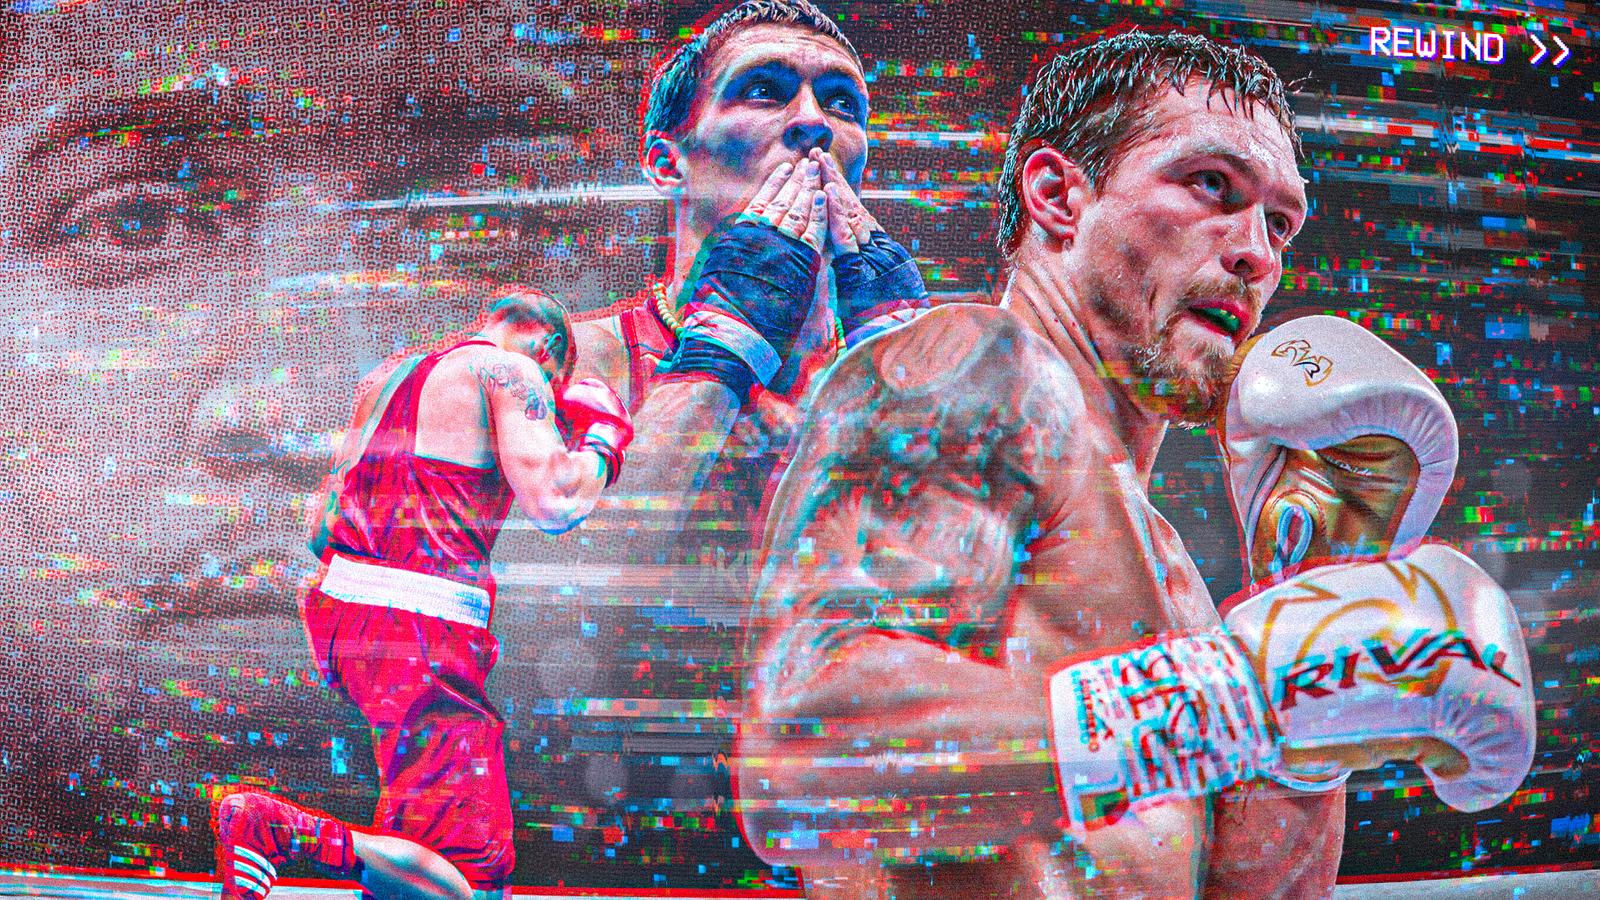 Джошуа против Усика: история самого болезненного поражения Александра Усика перед боем Энтони Джошуа    новости бокса